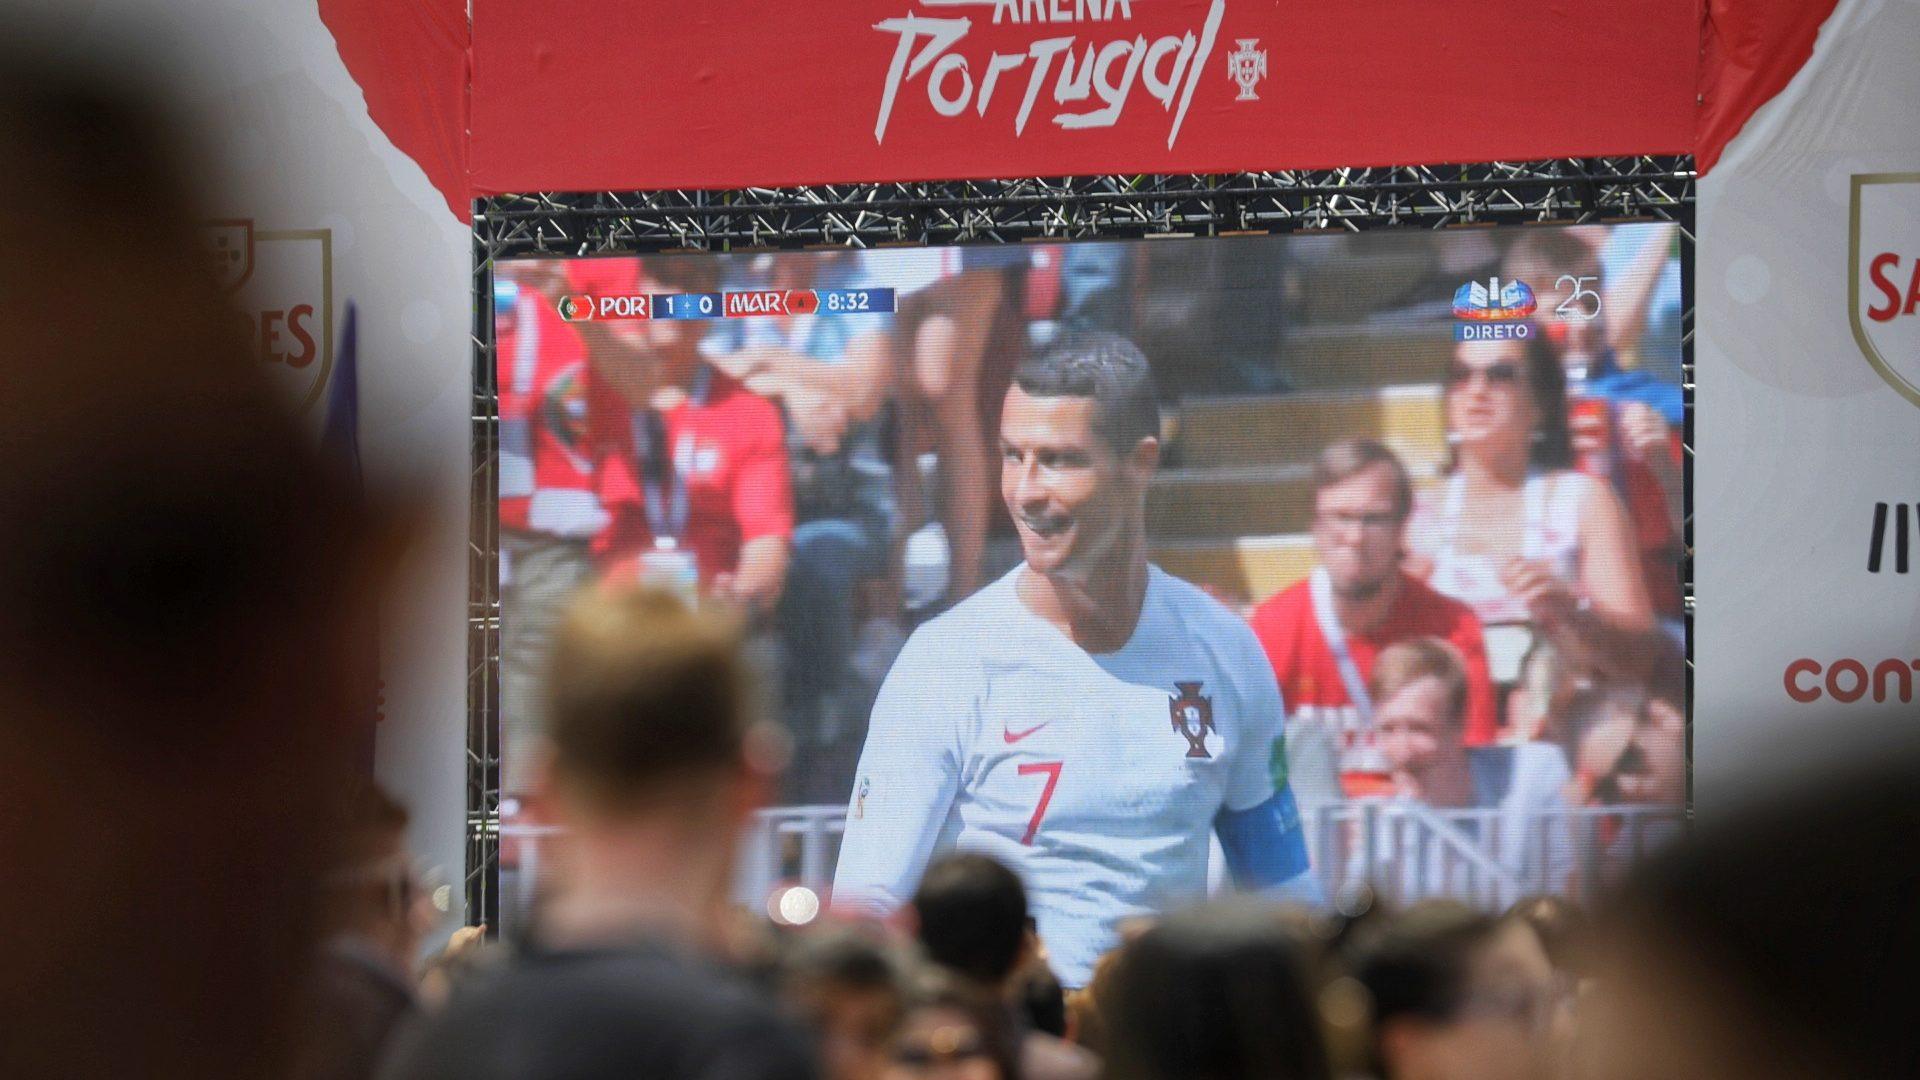 Portugal vence e elimina Marrocos, ficando assim mais próximo dos oitavos de final